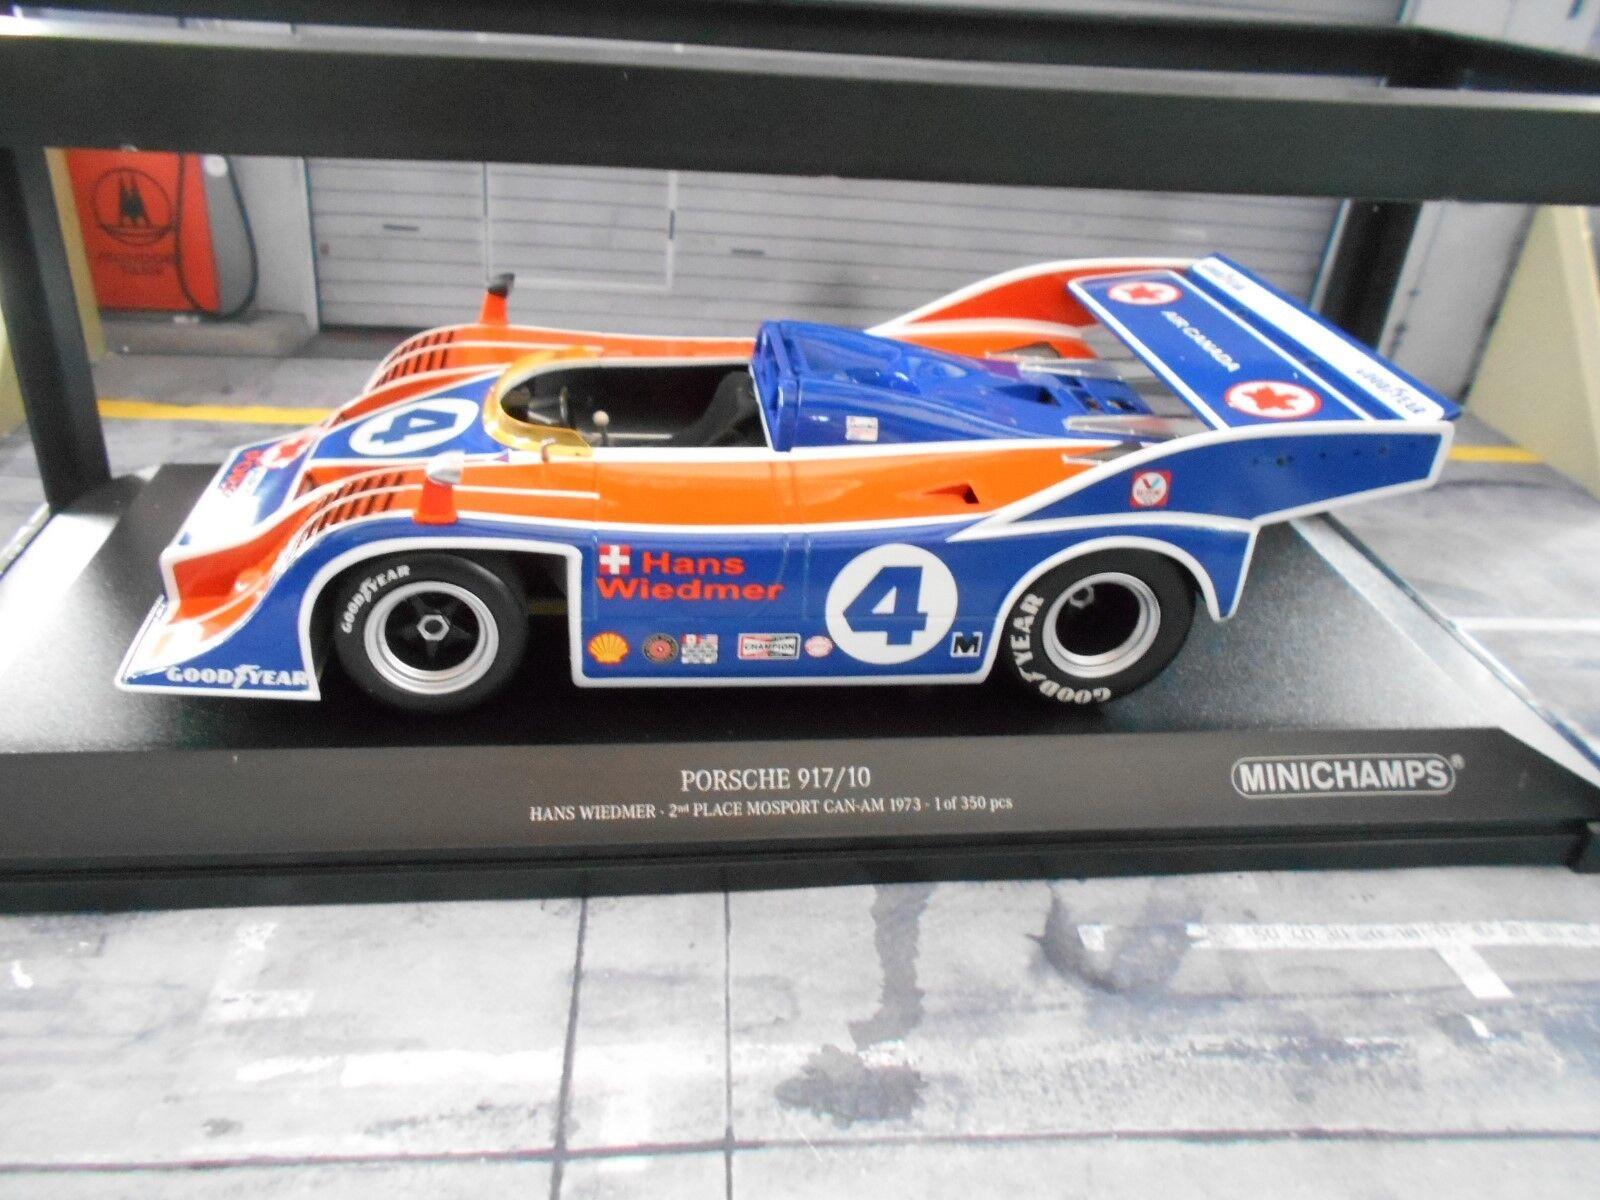 Porsche 917 917 10 spyder Can Am 1973  4 Wiedmer CANAM Air Can MINICHAMPS 1 18